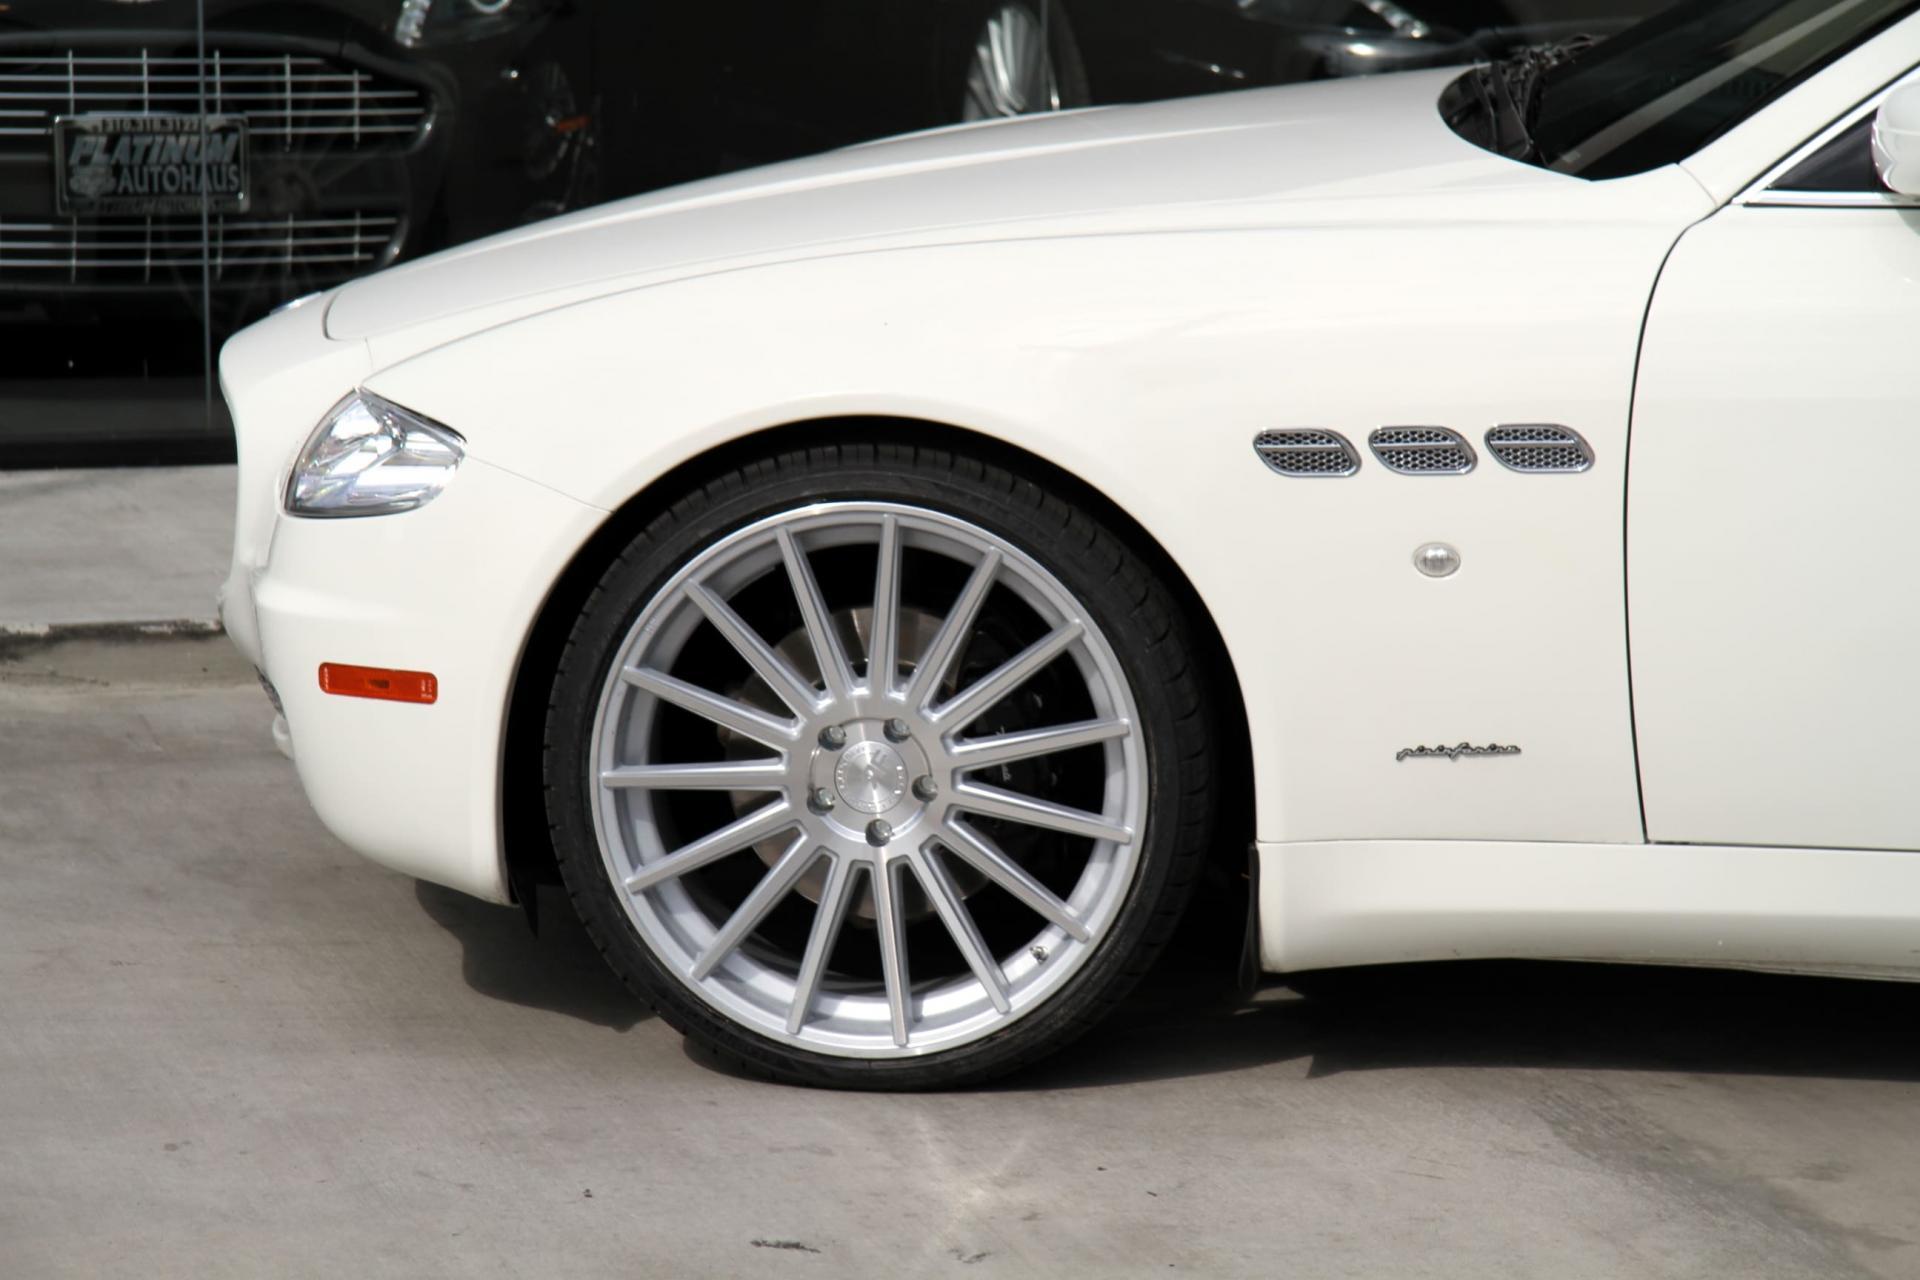 2008 Maserati Quattroporte Executive Gt Automatic Stock